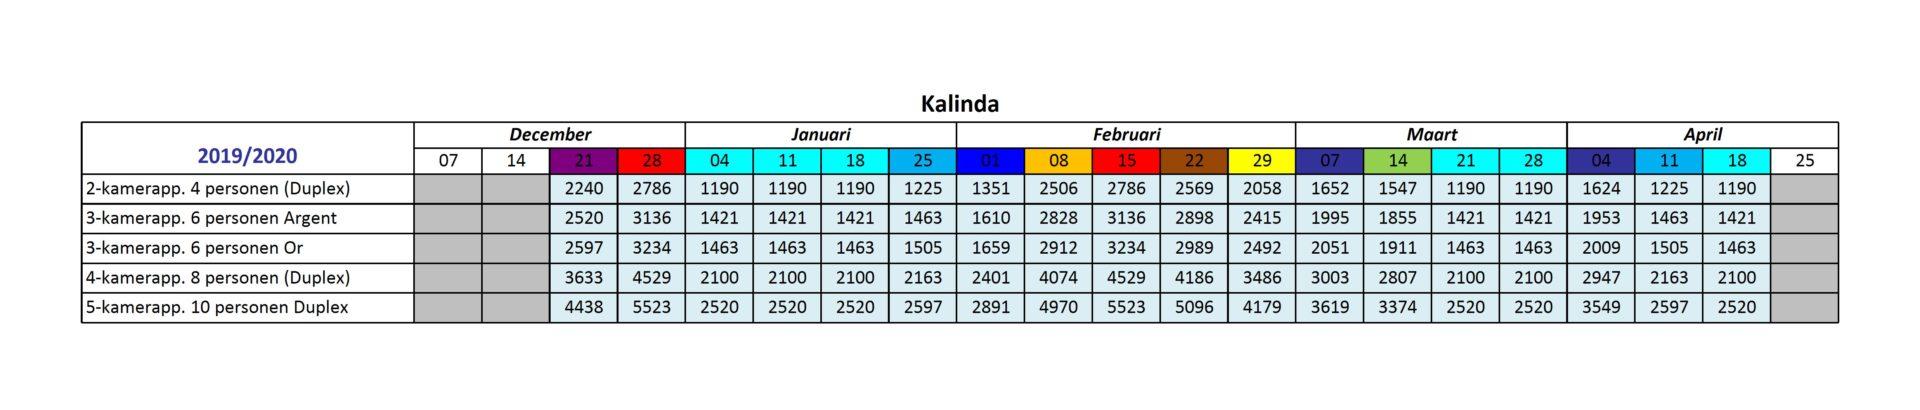 CGH Kalinda prijstabel 2019 2020